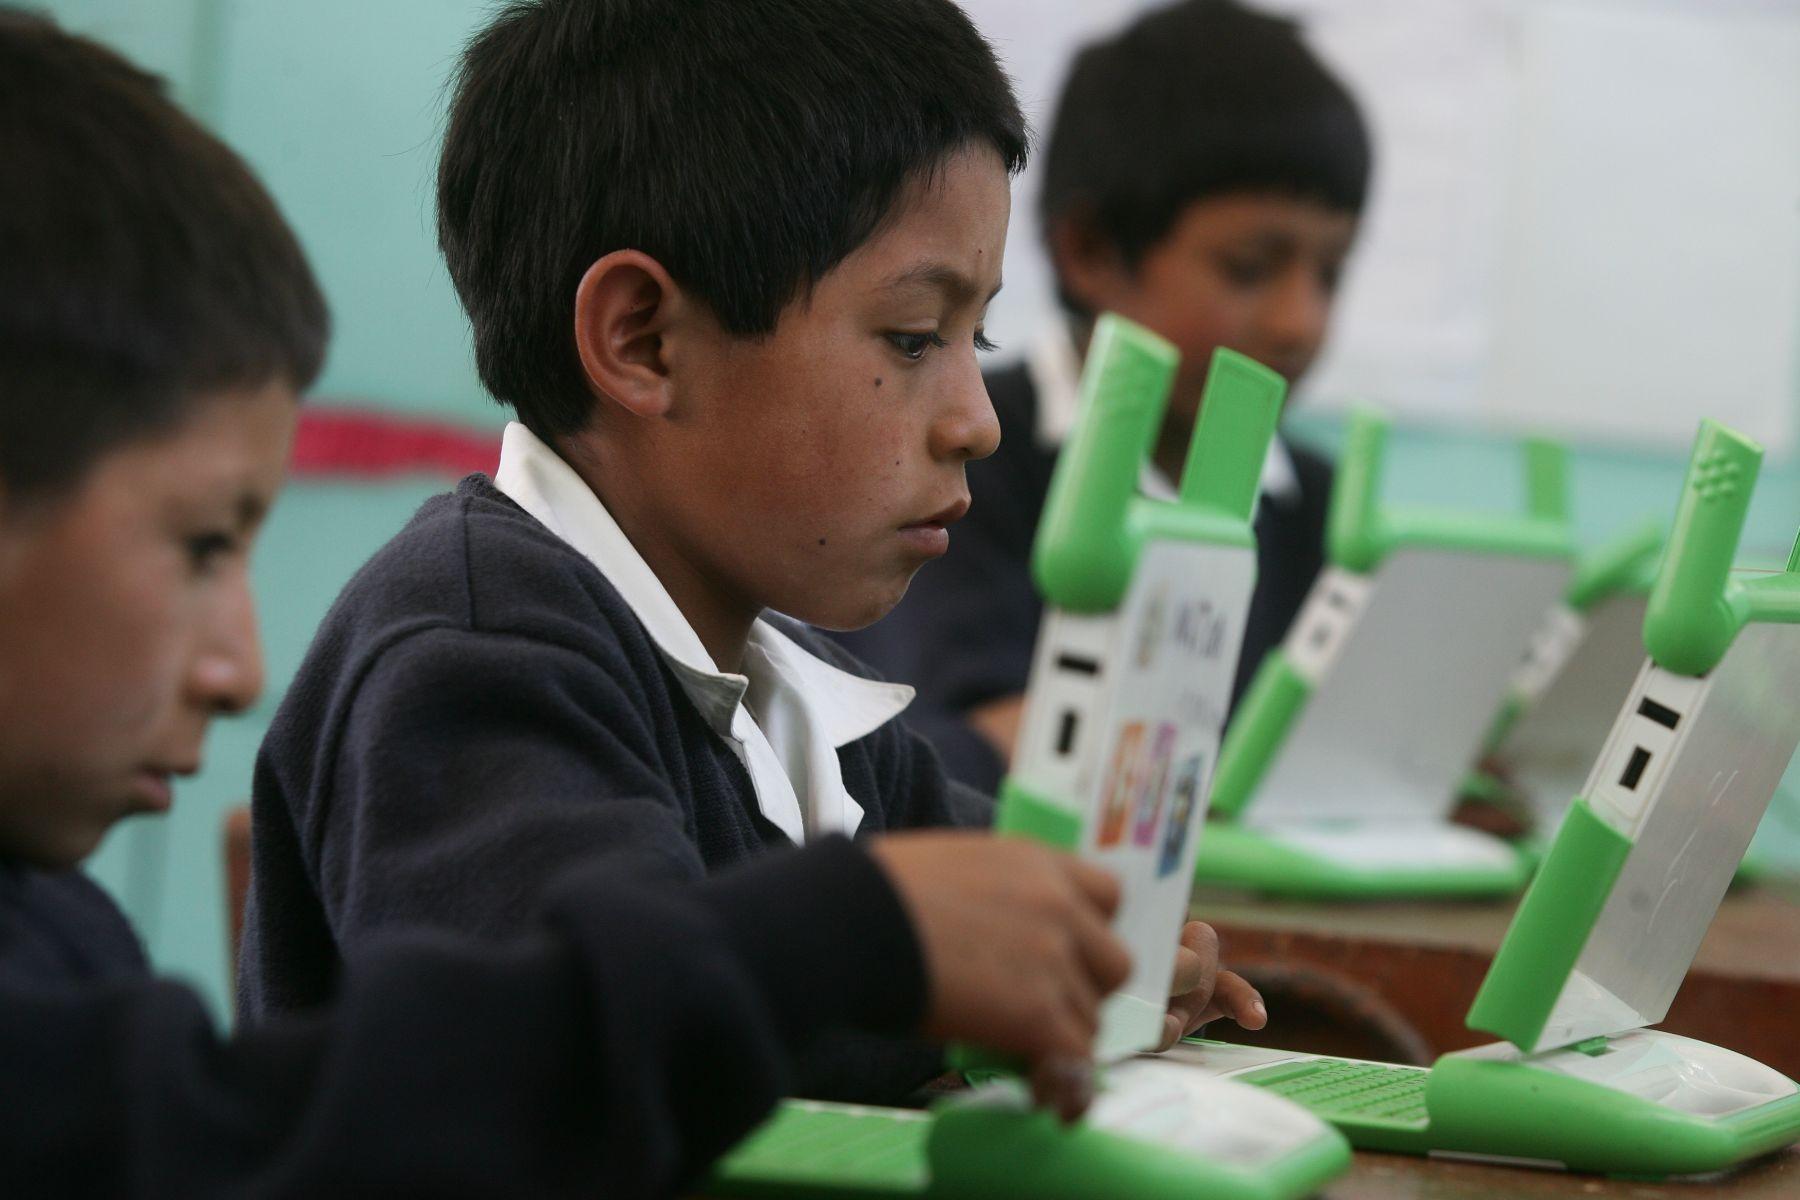 Hasta julio de 2011 entregarán 810 mil laptops a escolares de primaria y secundaria. Foto: ANDINA/Archivo.